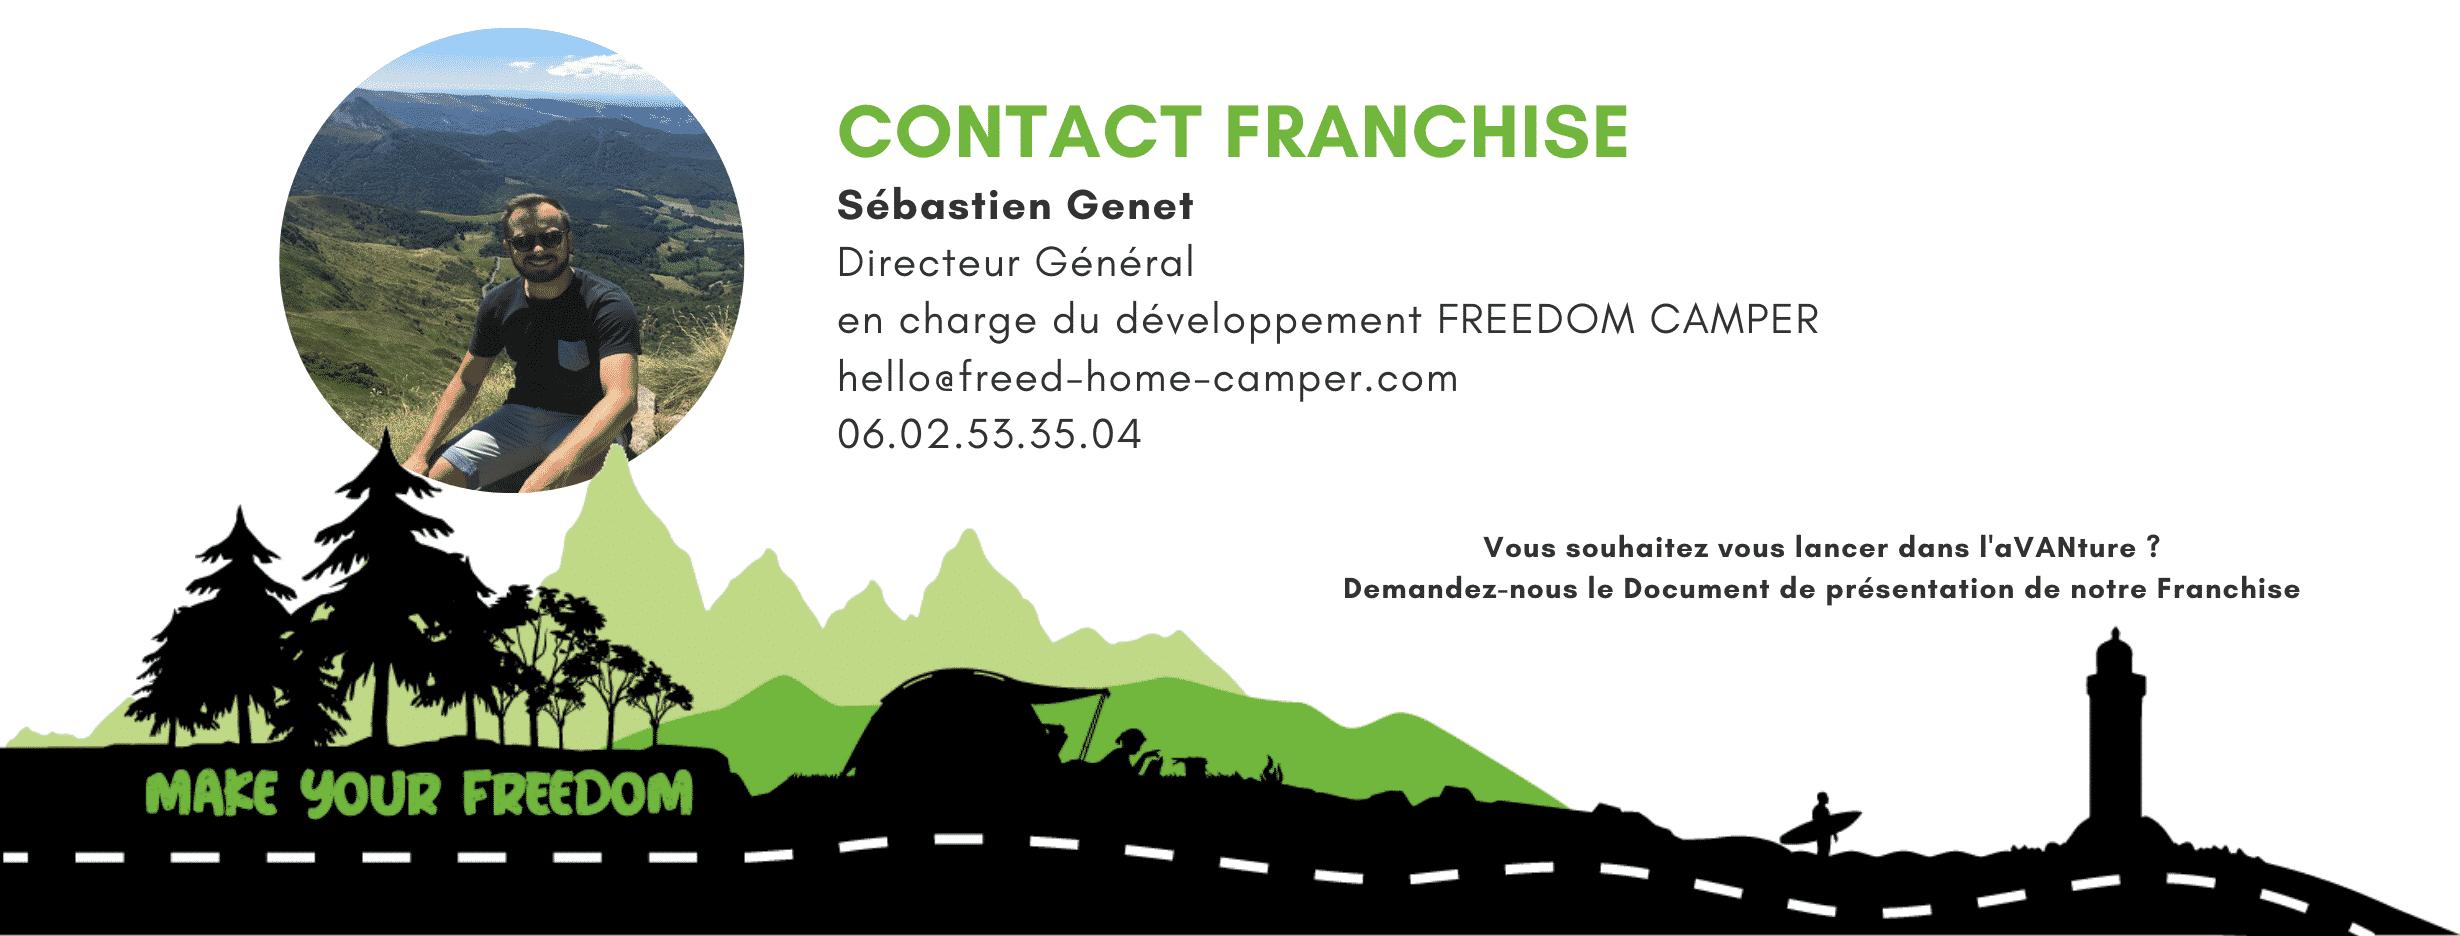 espace-pro-devenez-franchis-et-vivez-de-la-location-de-vans--freedom-camper